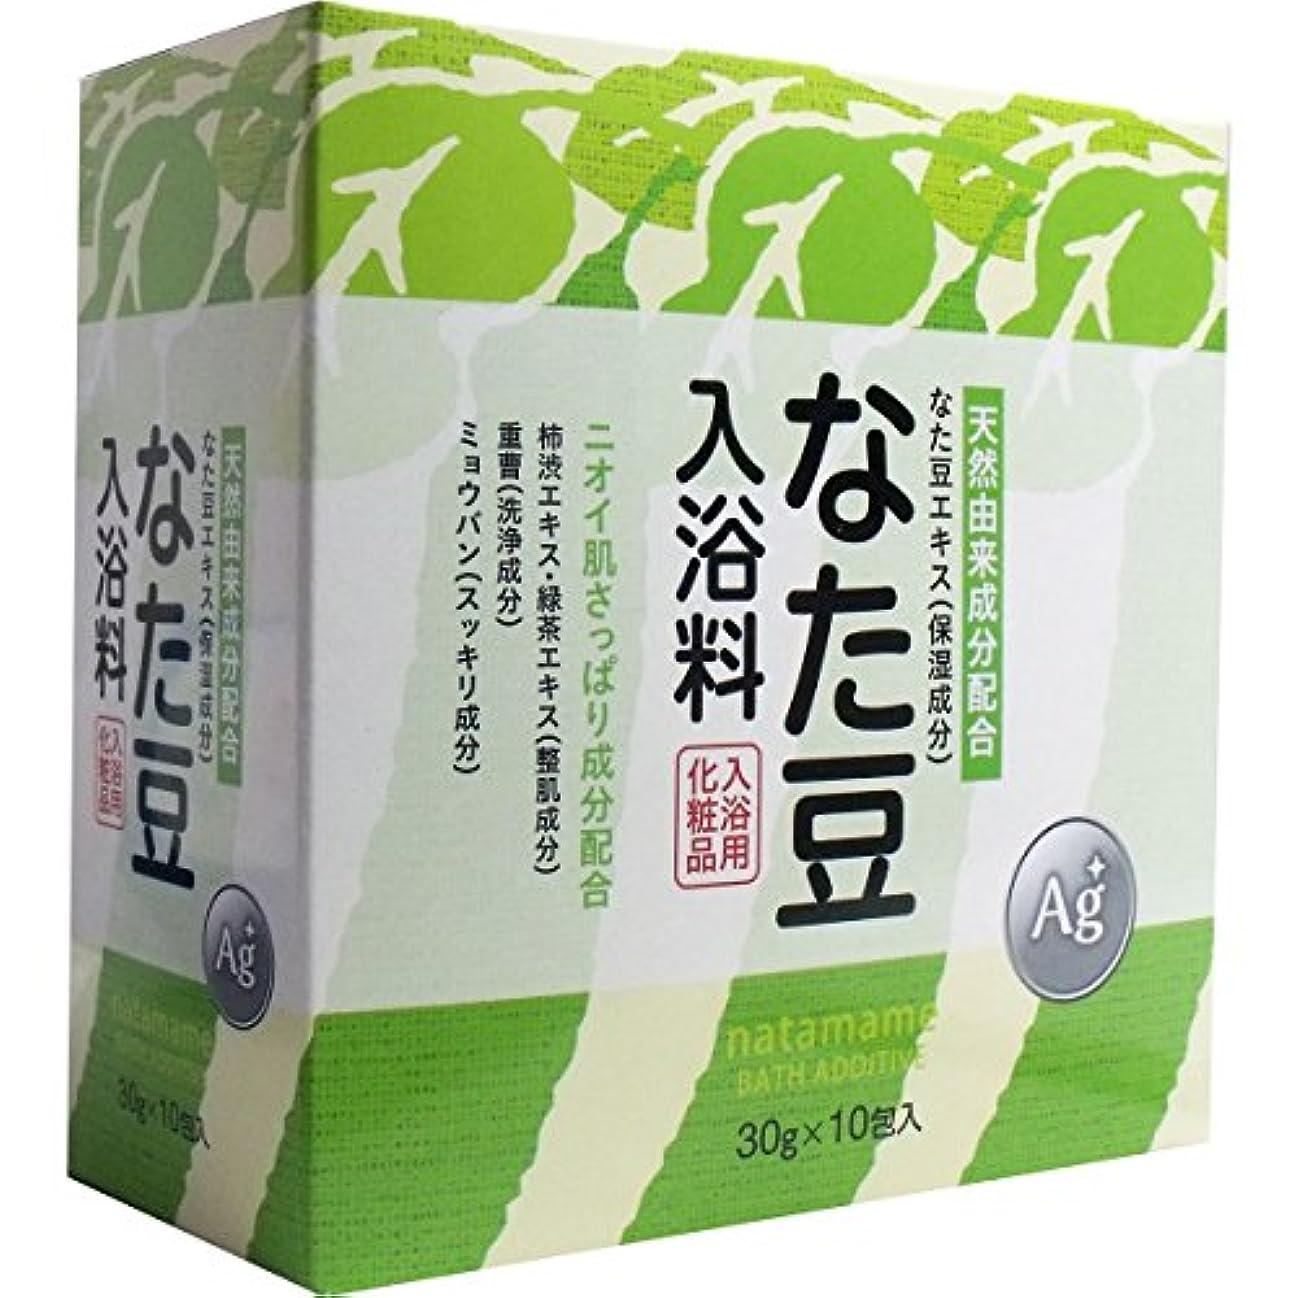 なた豆入浴料 入浴用化粧品 30g×10包入×5